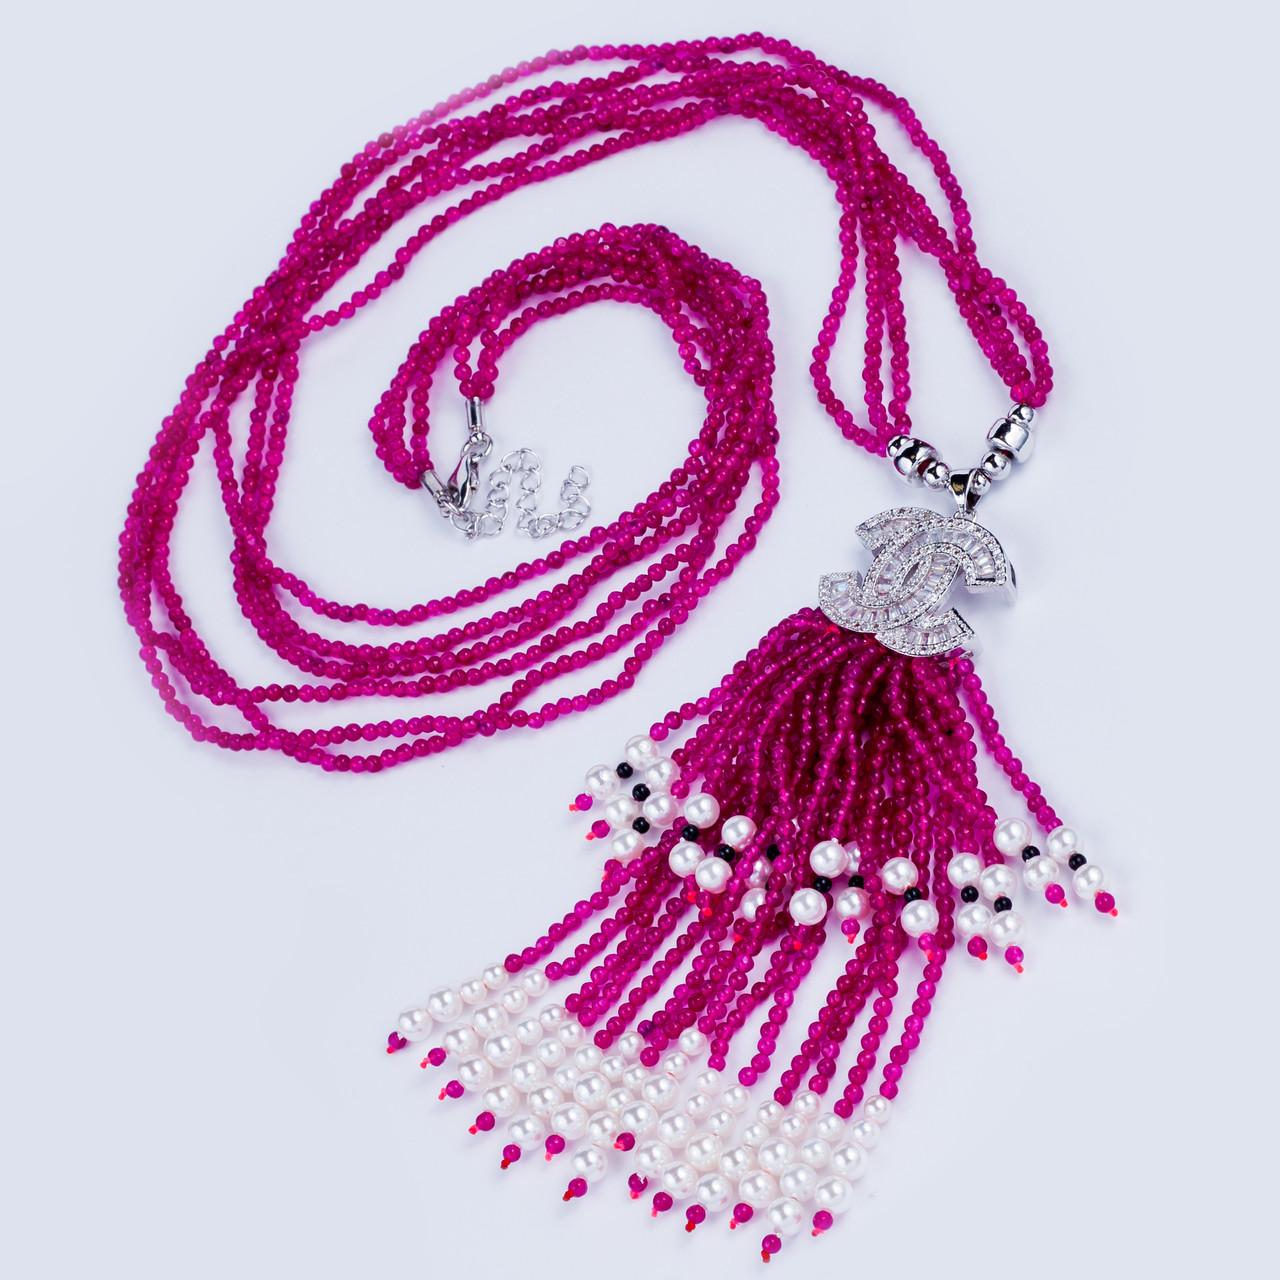 Колье в стиле Шанель с багетами циркония и венецианским жемчугом - J-B  в Одессе